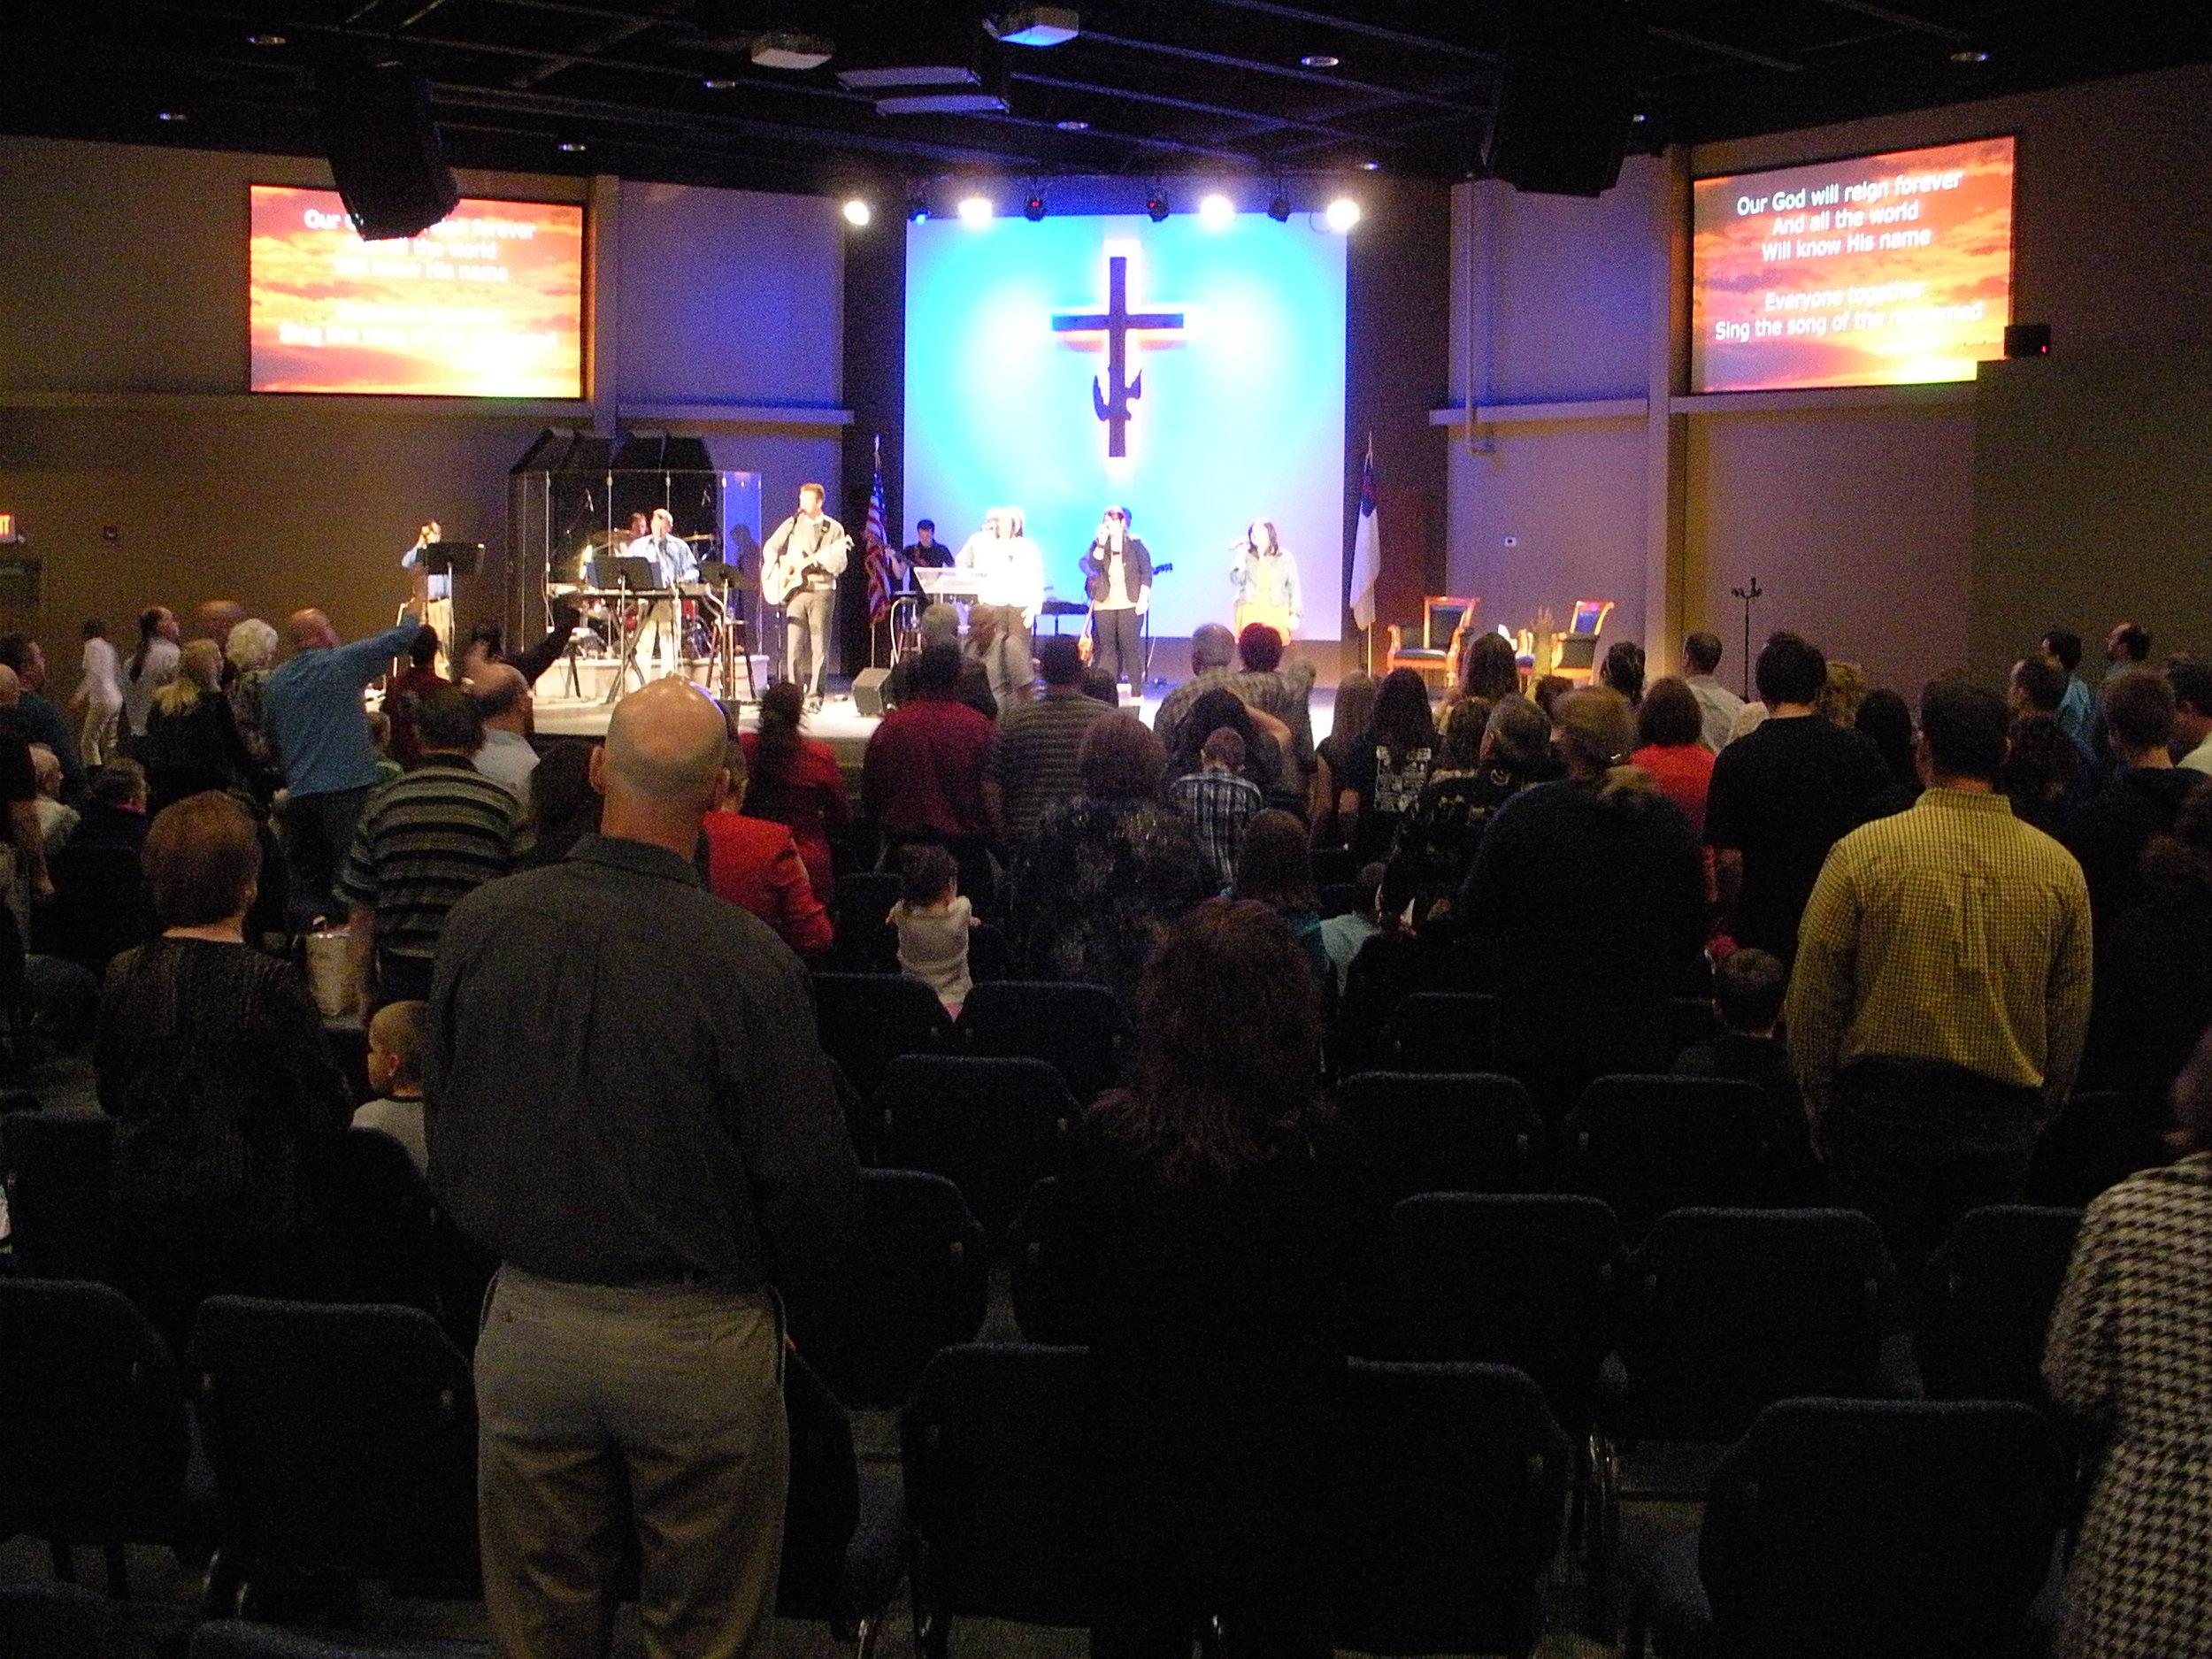 Heartland Church - Sharpsville, IN